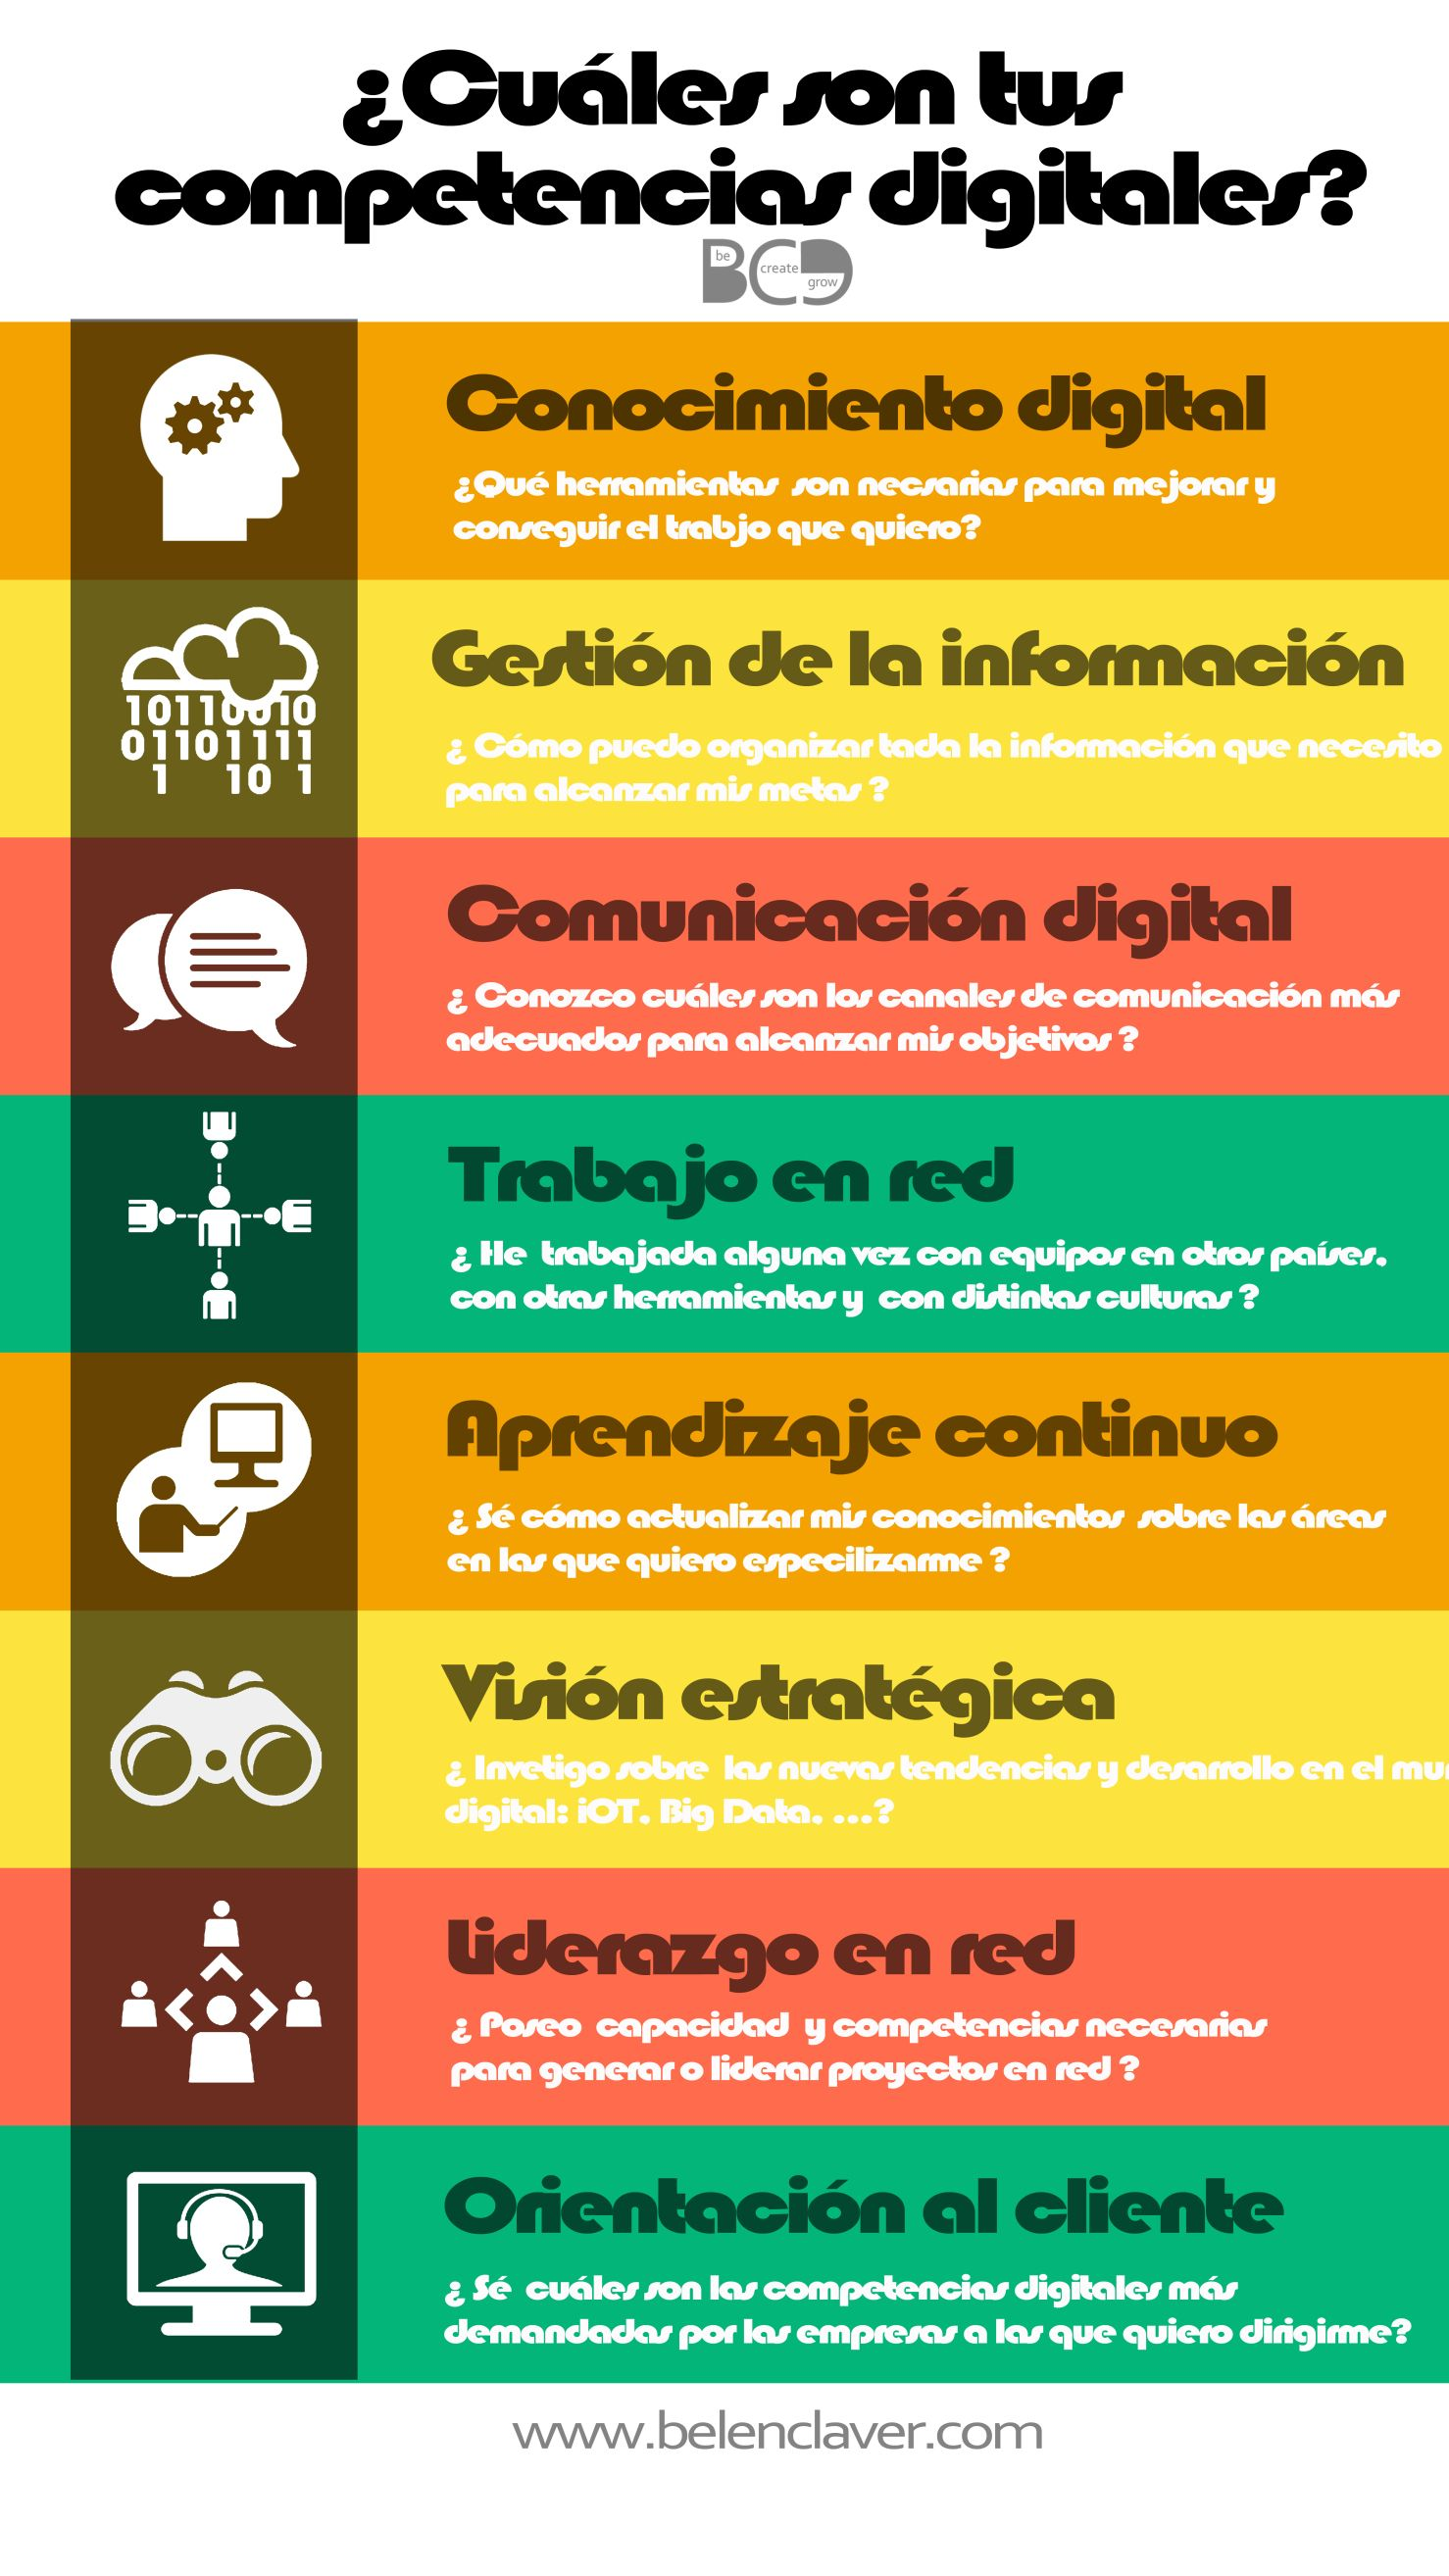 Competencias Digitales Para El éxito Profesional Infografia Infographic Empleo Competencias Digitales Tecnicas De Enseñanza Educacion